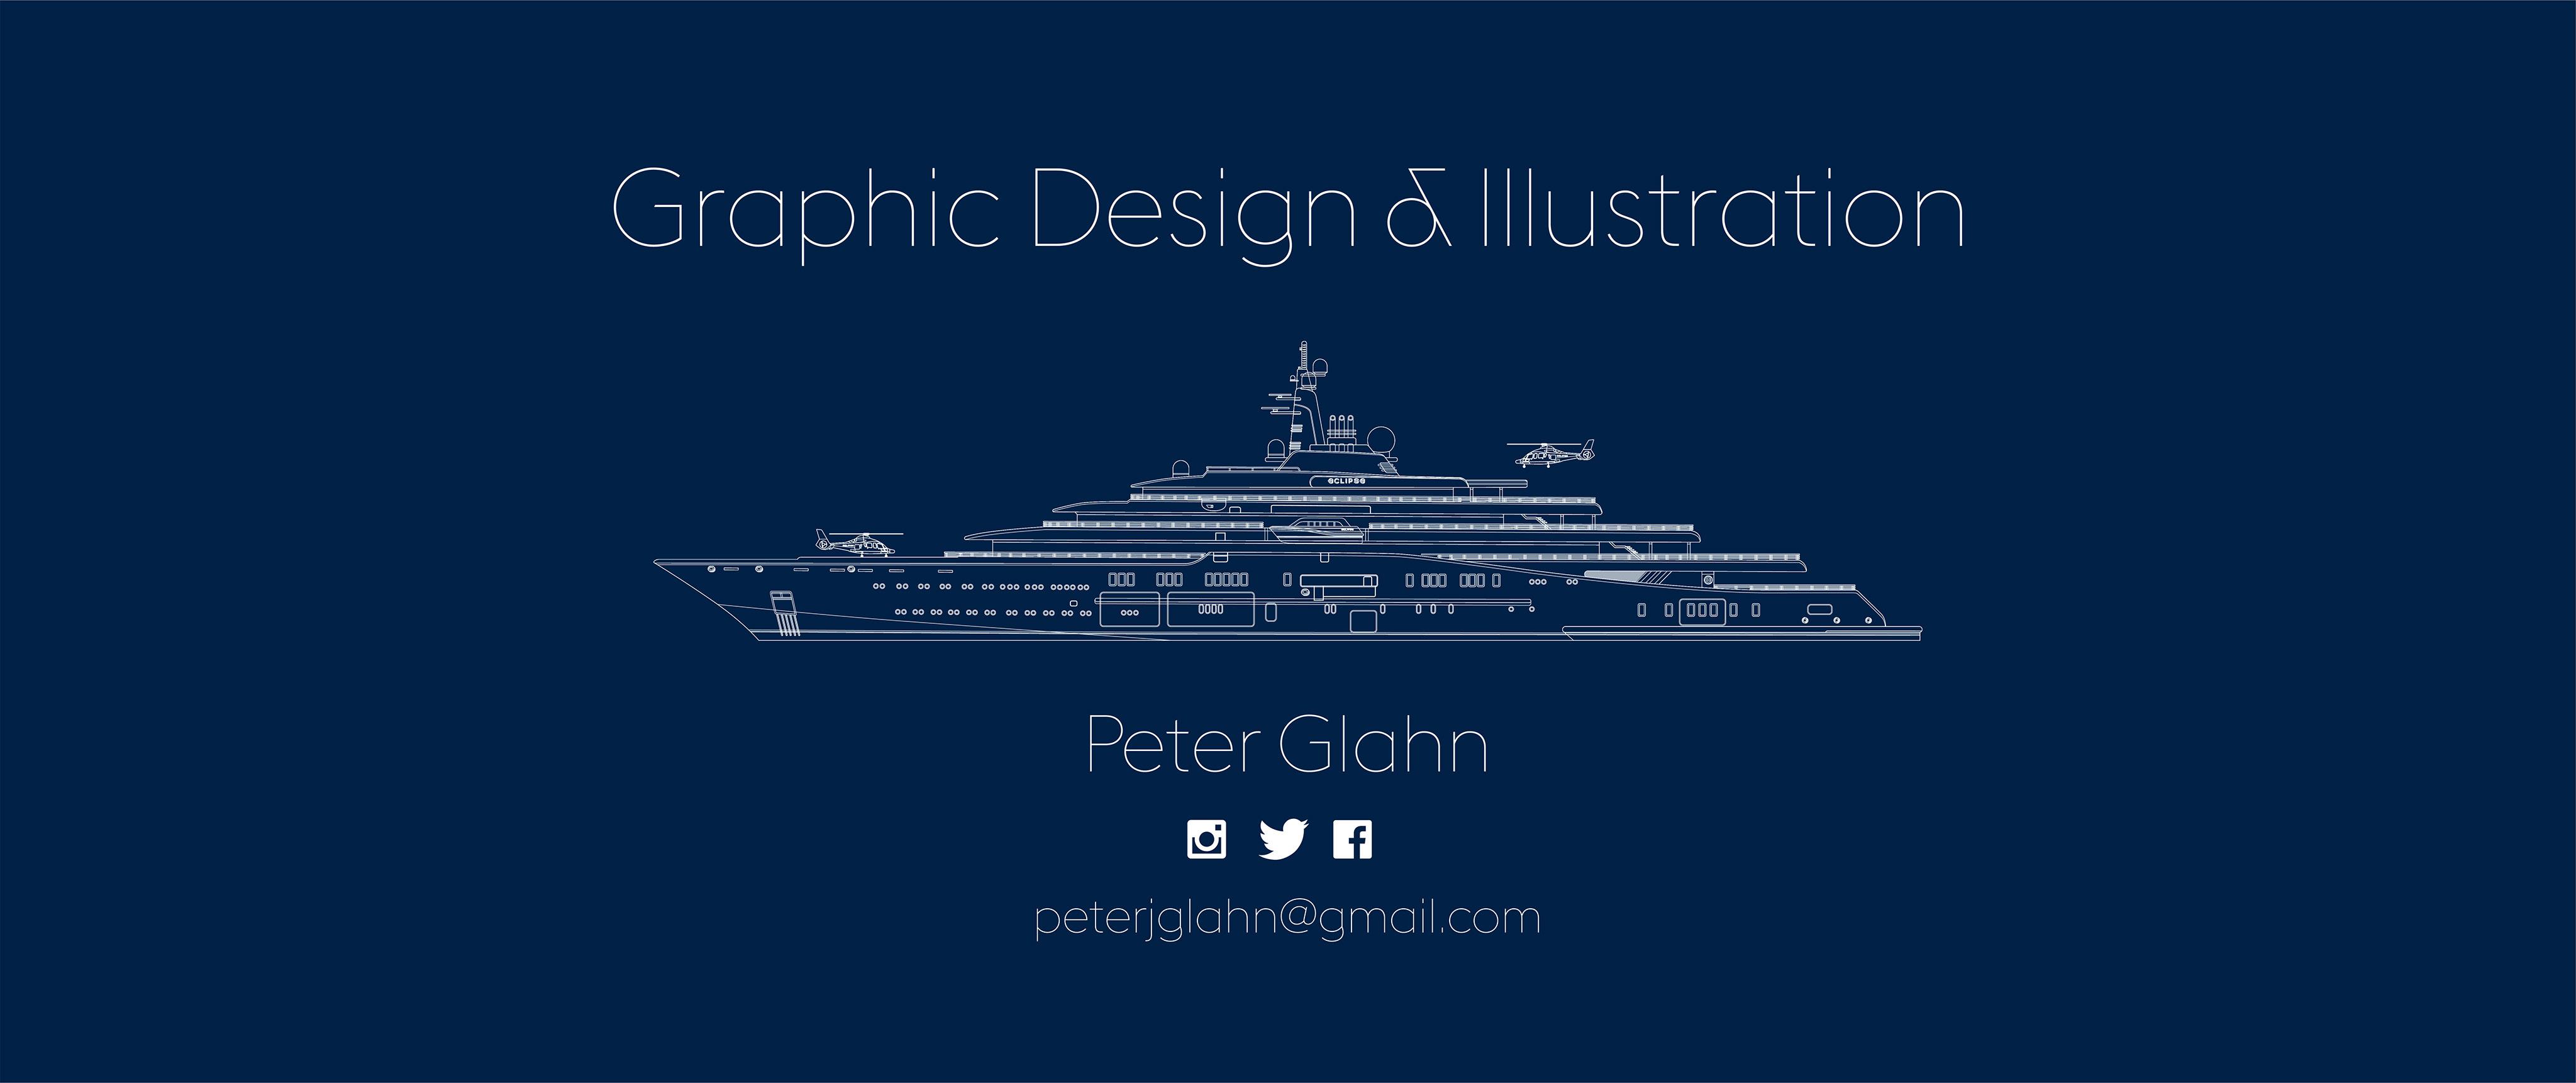 Peter Glahn